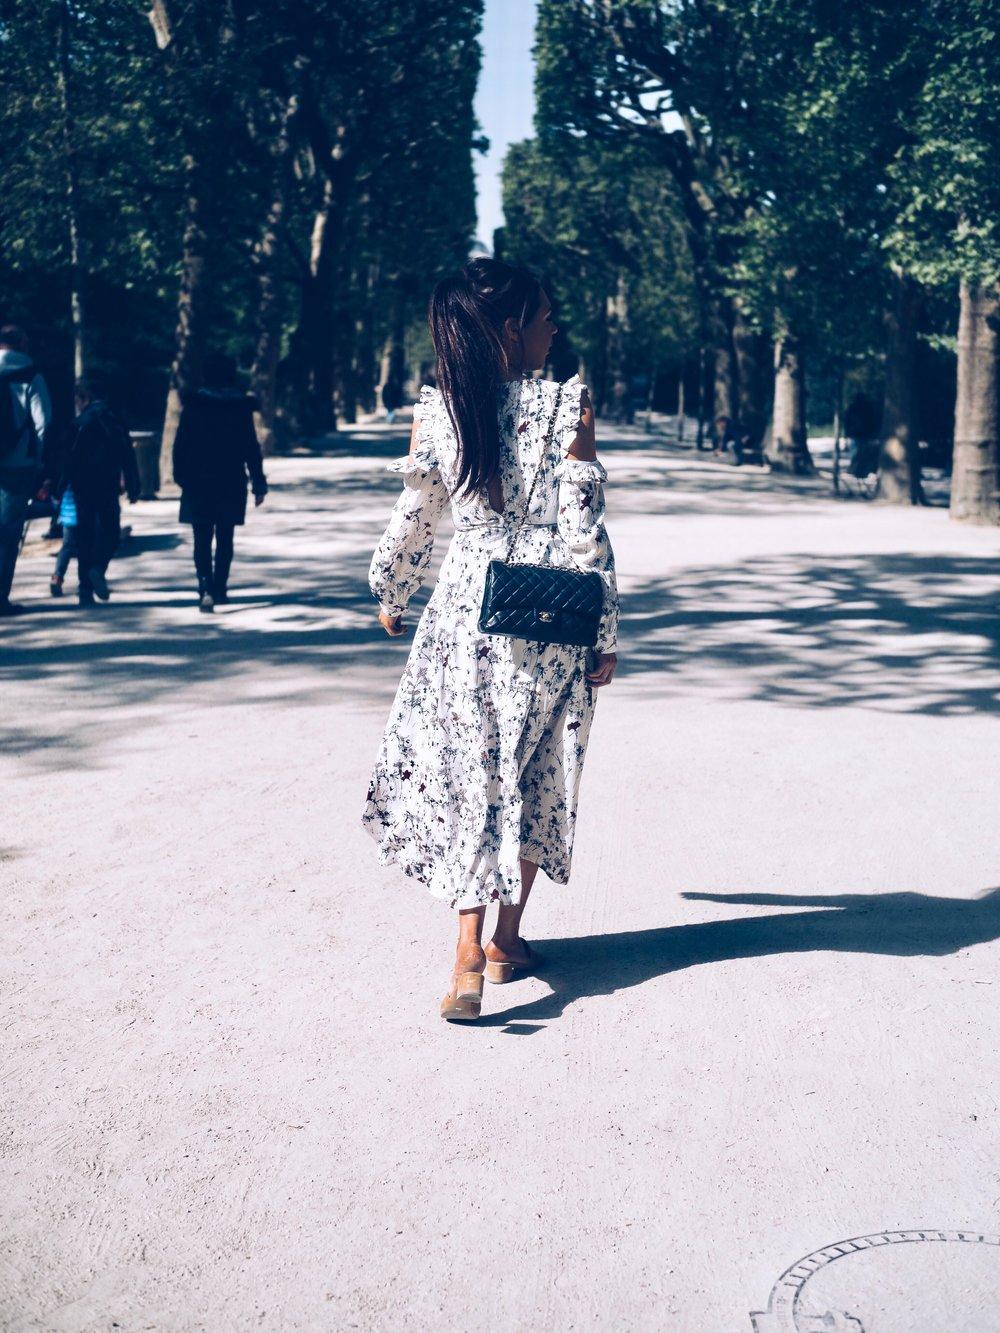 Lorna Luxe Paris Jay McLaughlin Olympus PEN E-PL8